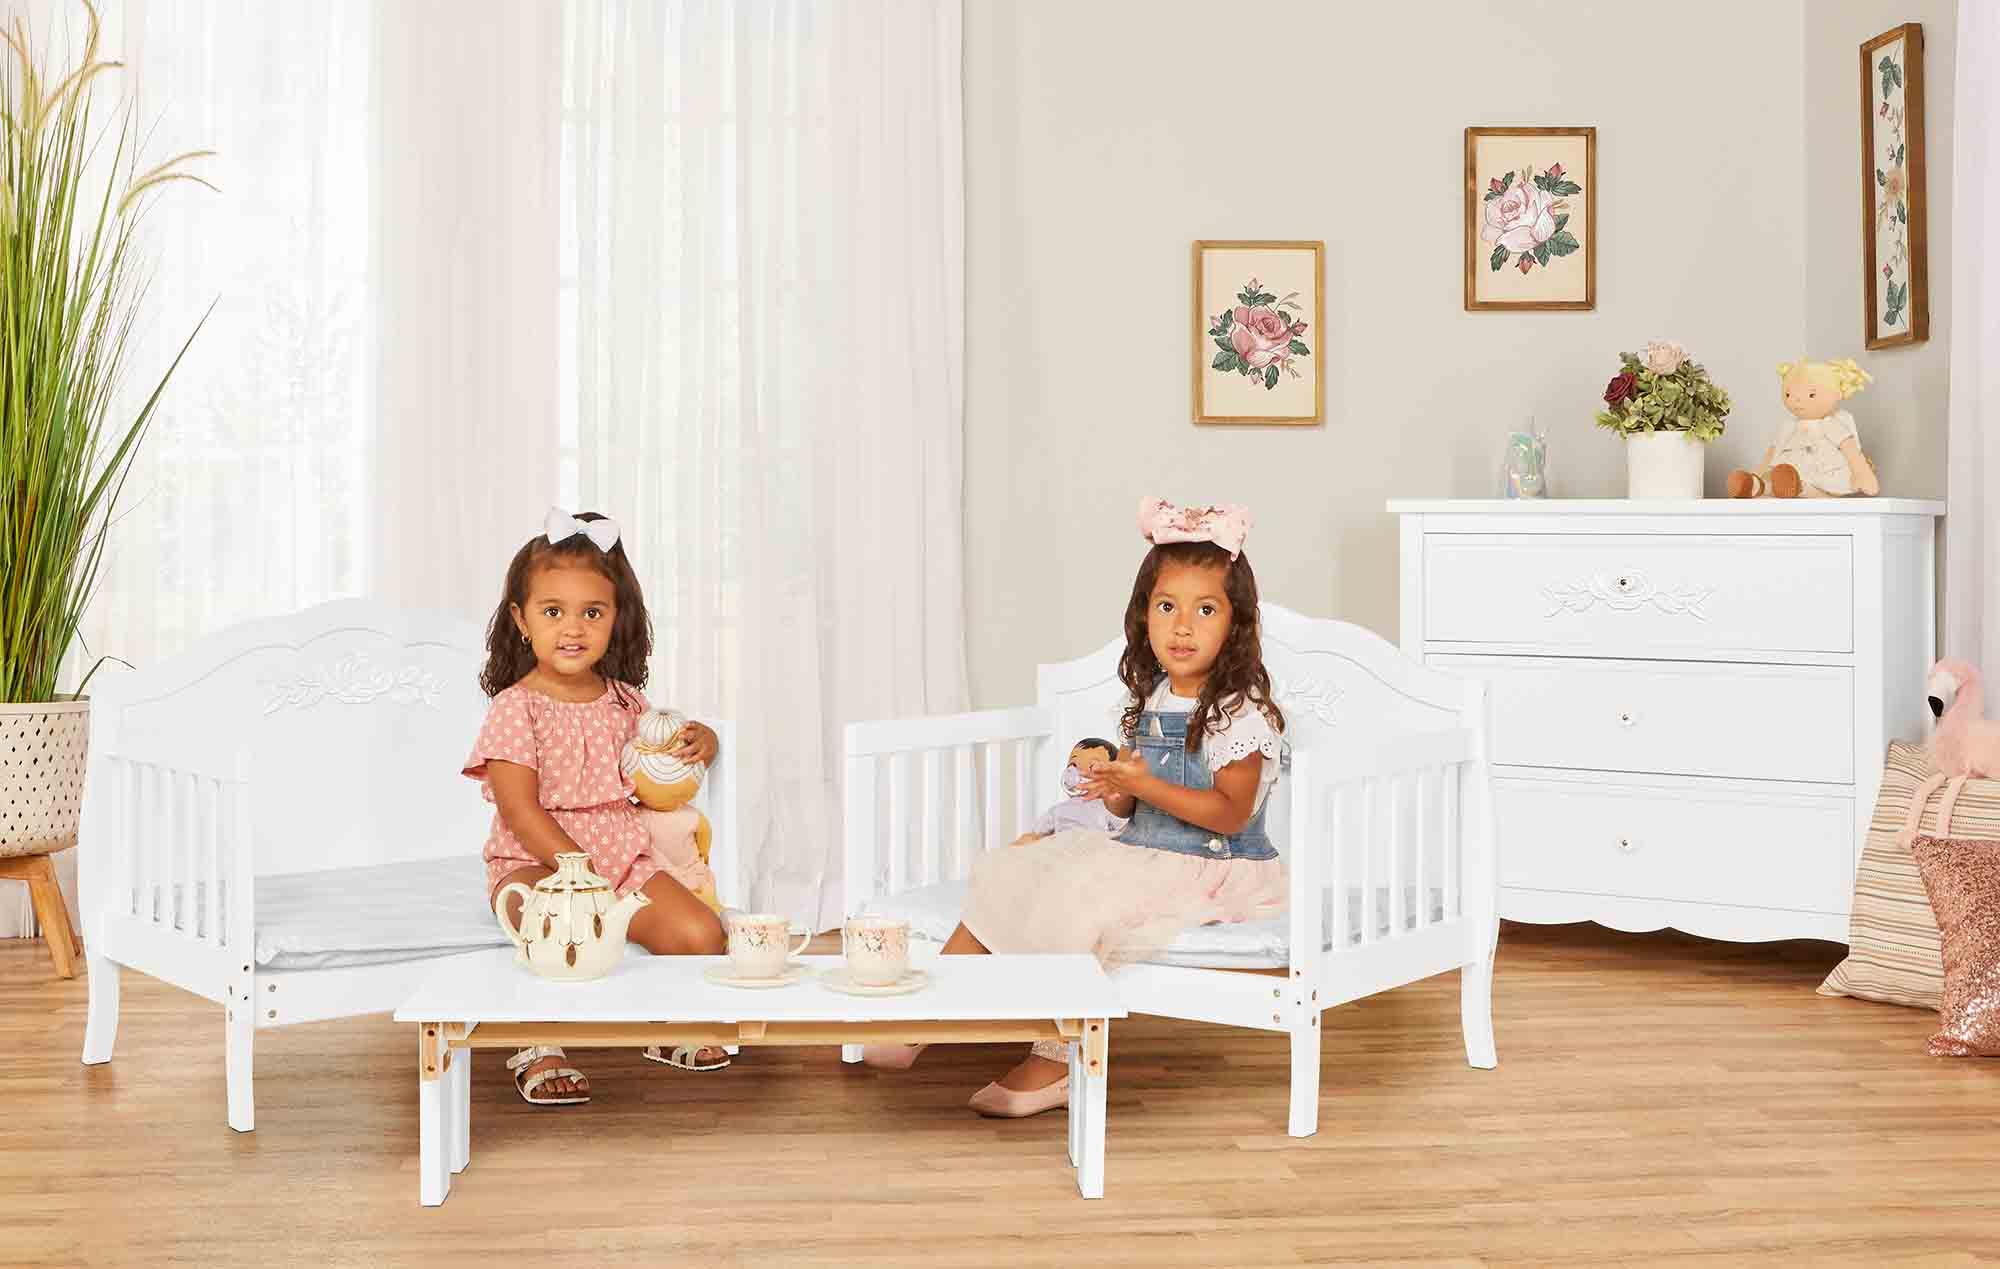 640_WHT Rose Toddler Bed RmScene 02